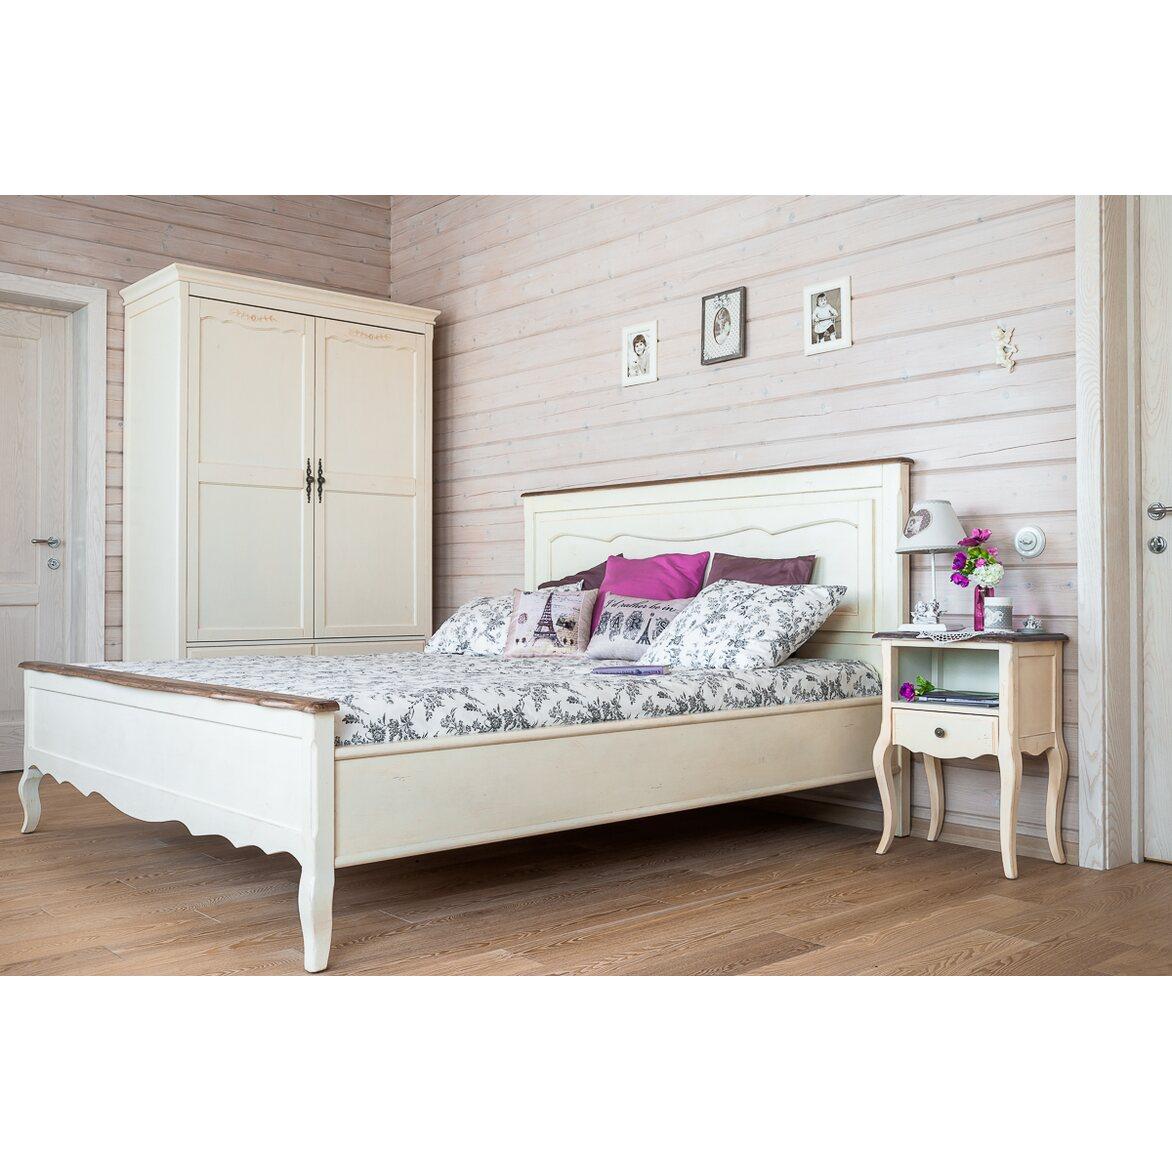 Кровать односпальная 120*200 Leontina, бежевого цвета 2 | Односпальные кровати Kingsby